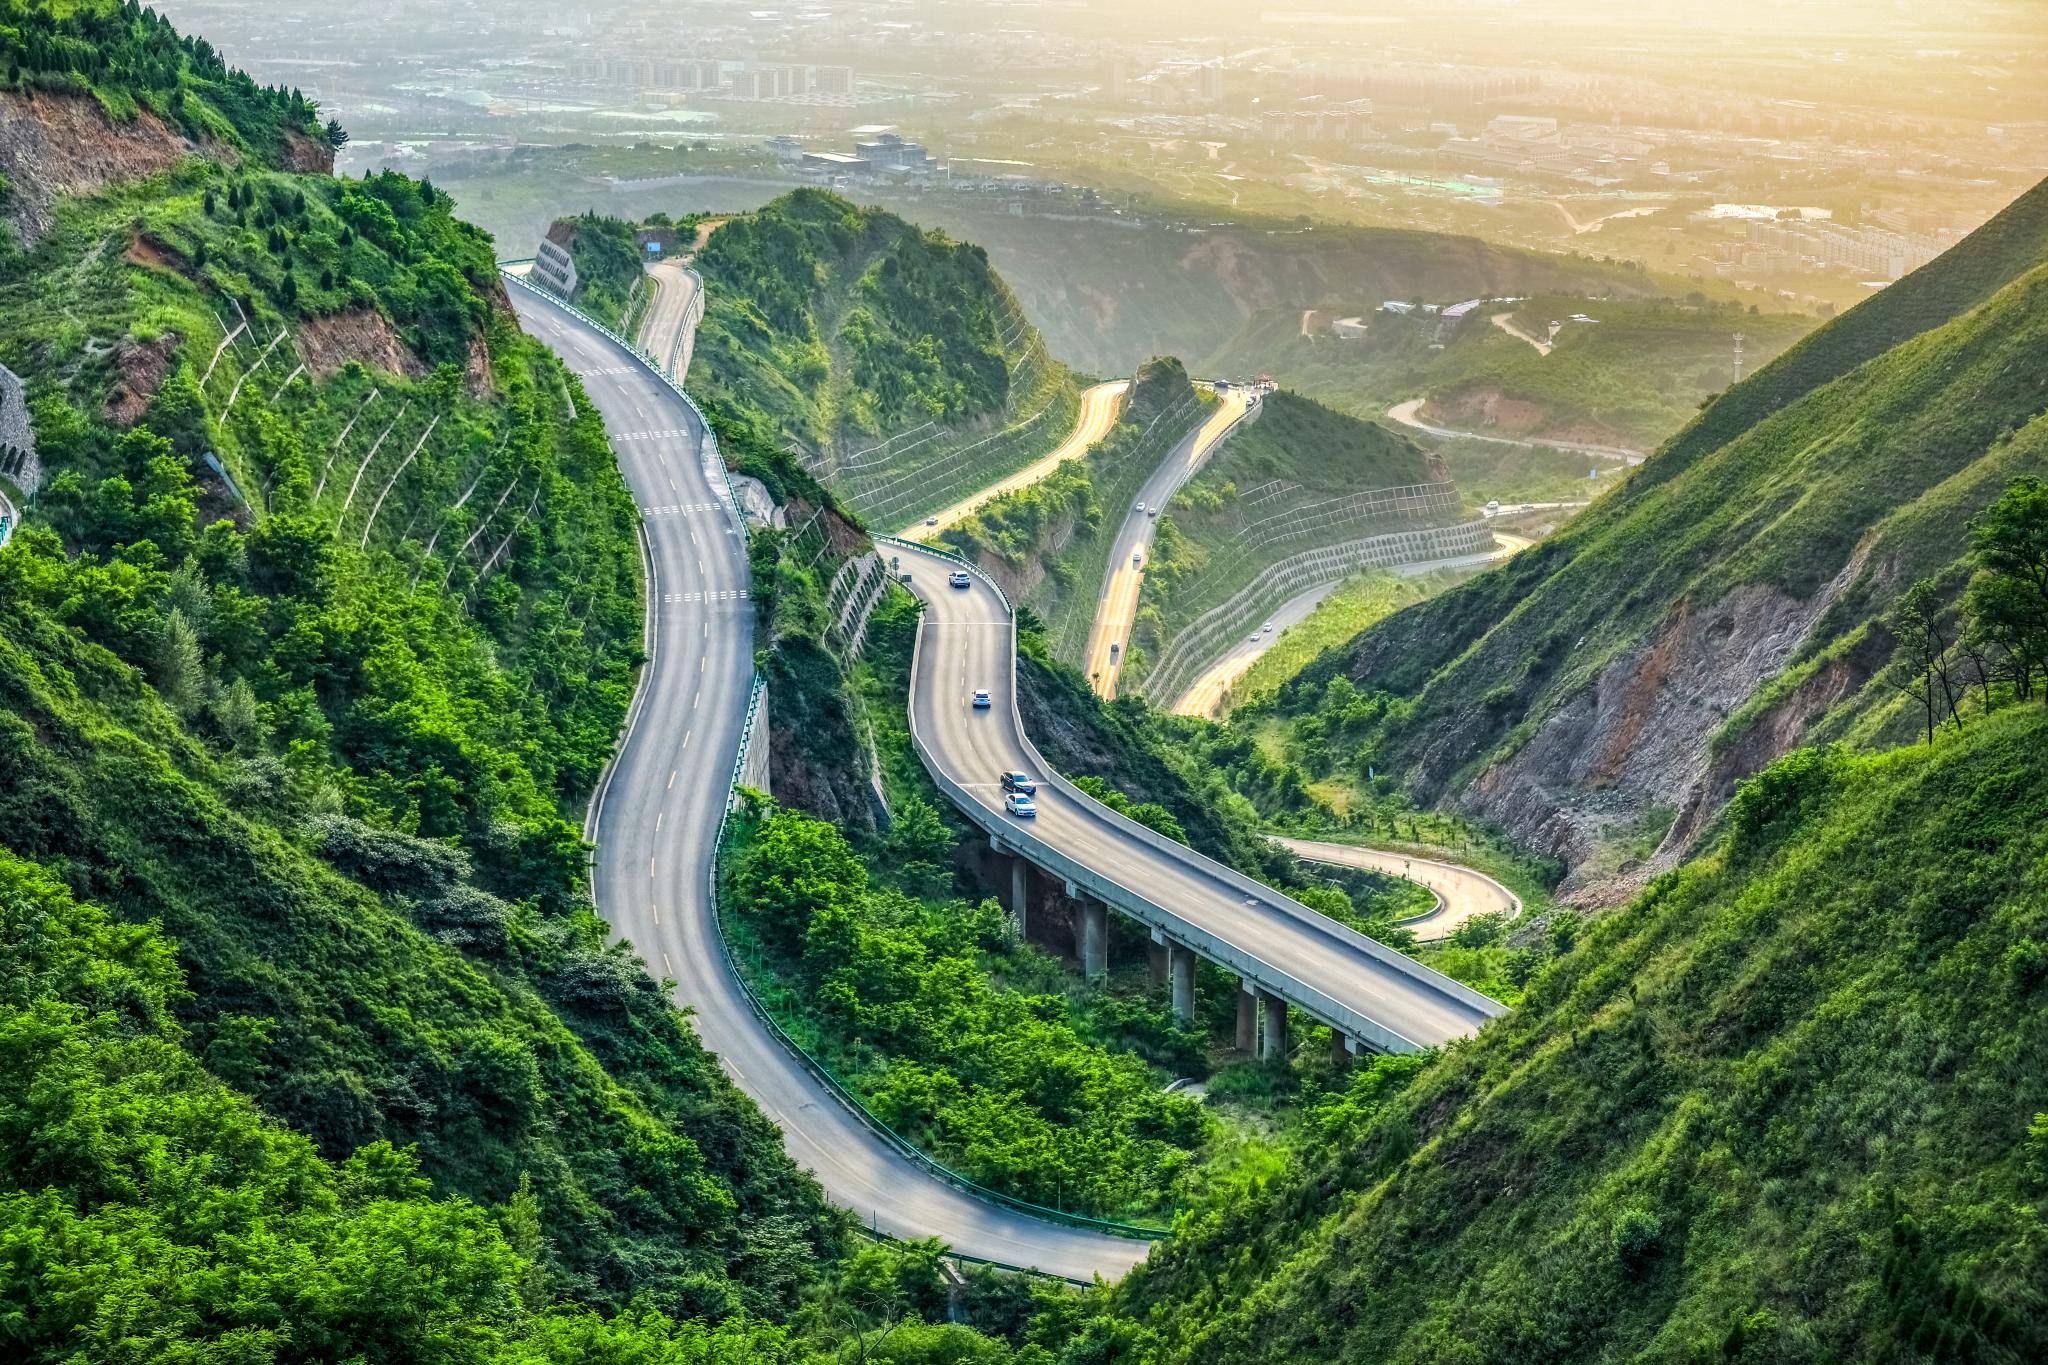 一个人自驾42天10000公里,去看想看的风景_游记